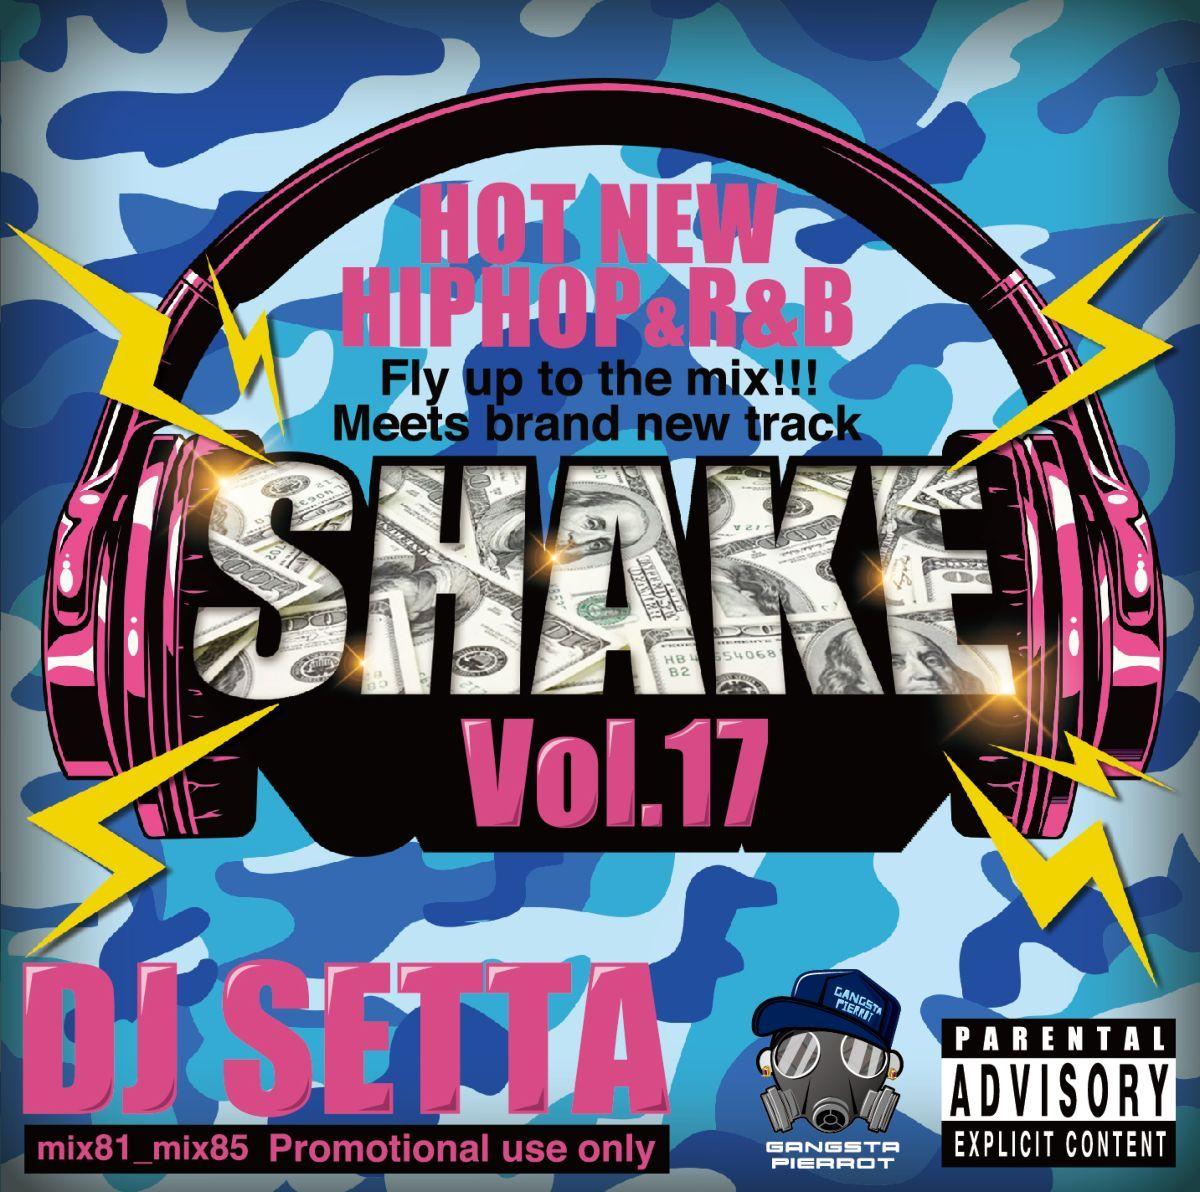 マンスリー ヒップホップ 17作目 DJミックスShake Vol.17 -CD-R- / DJ Setta